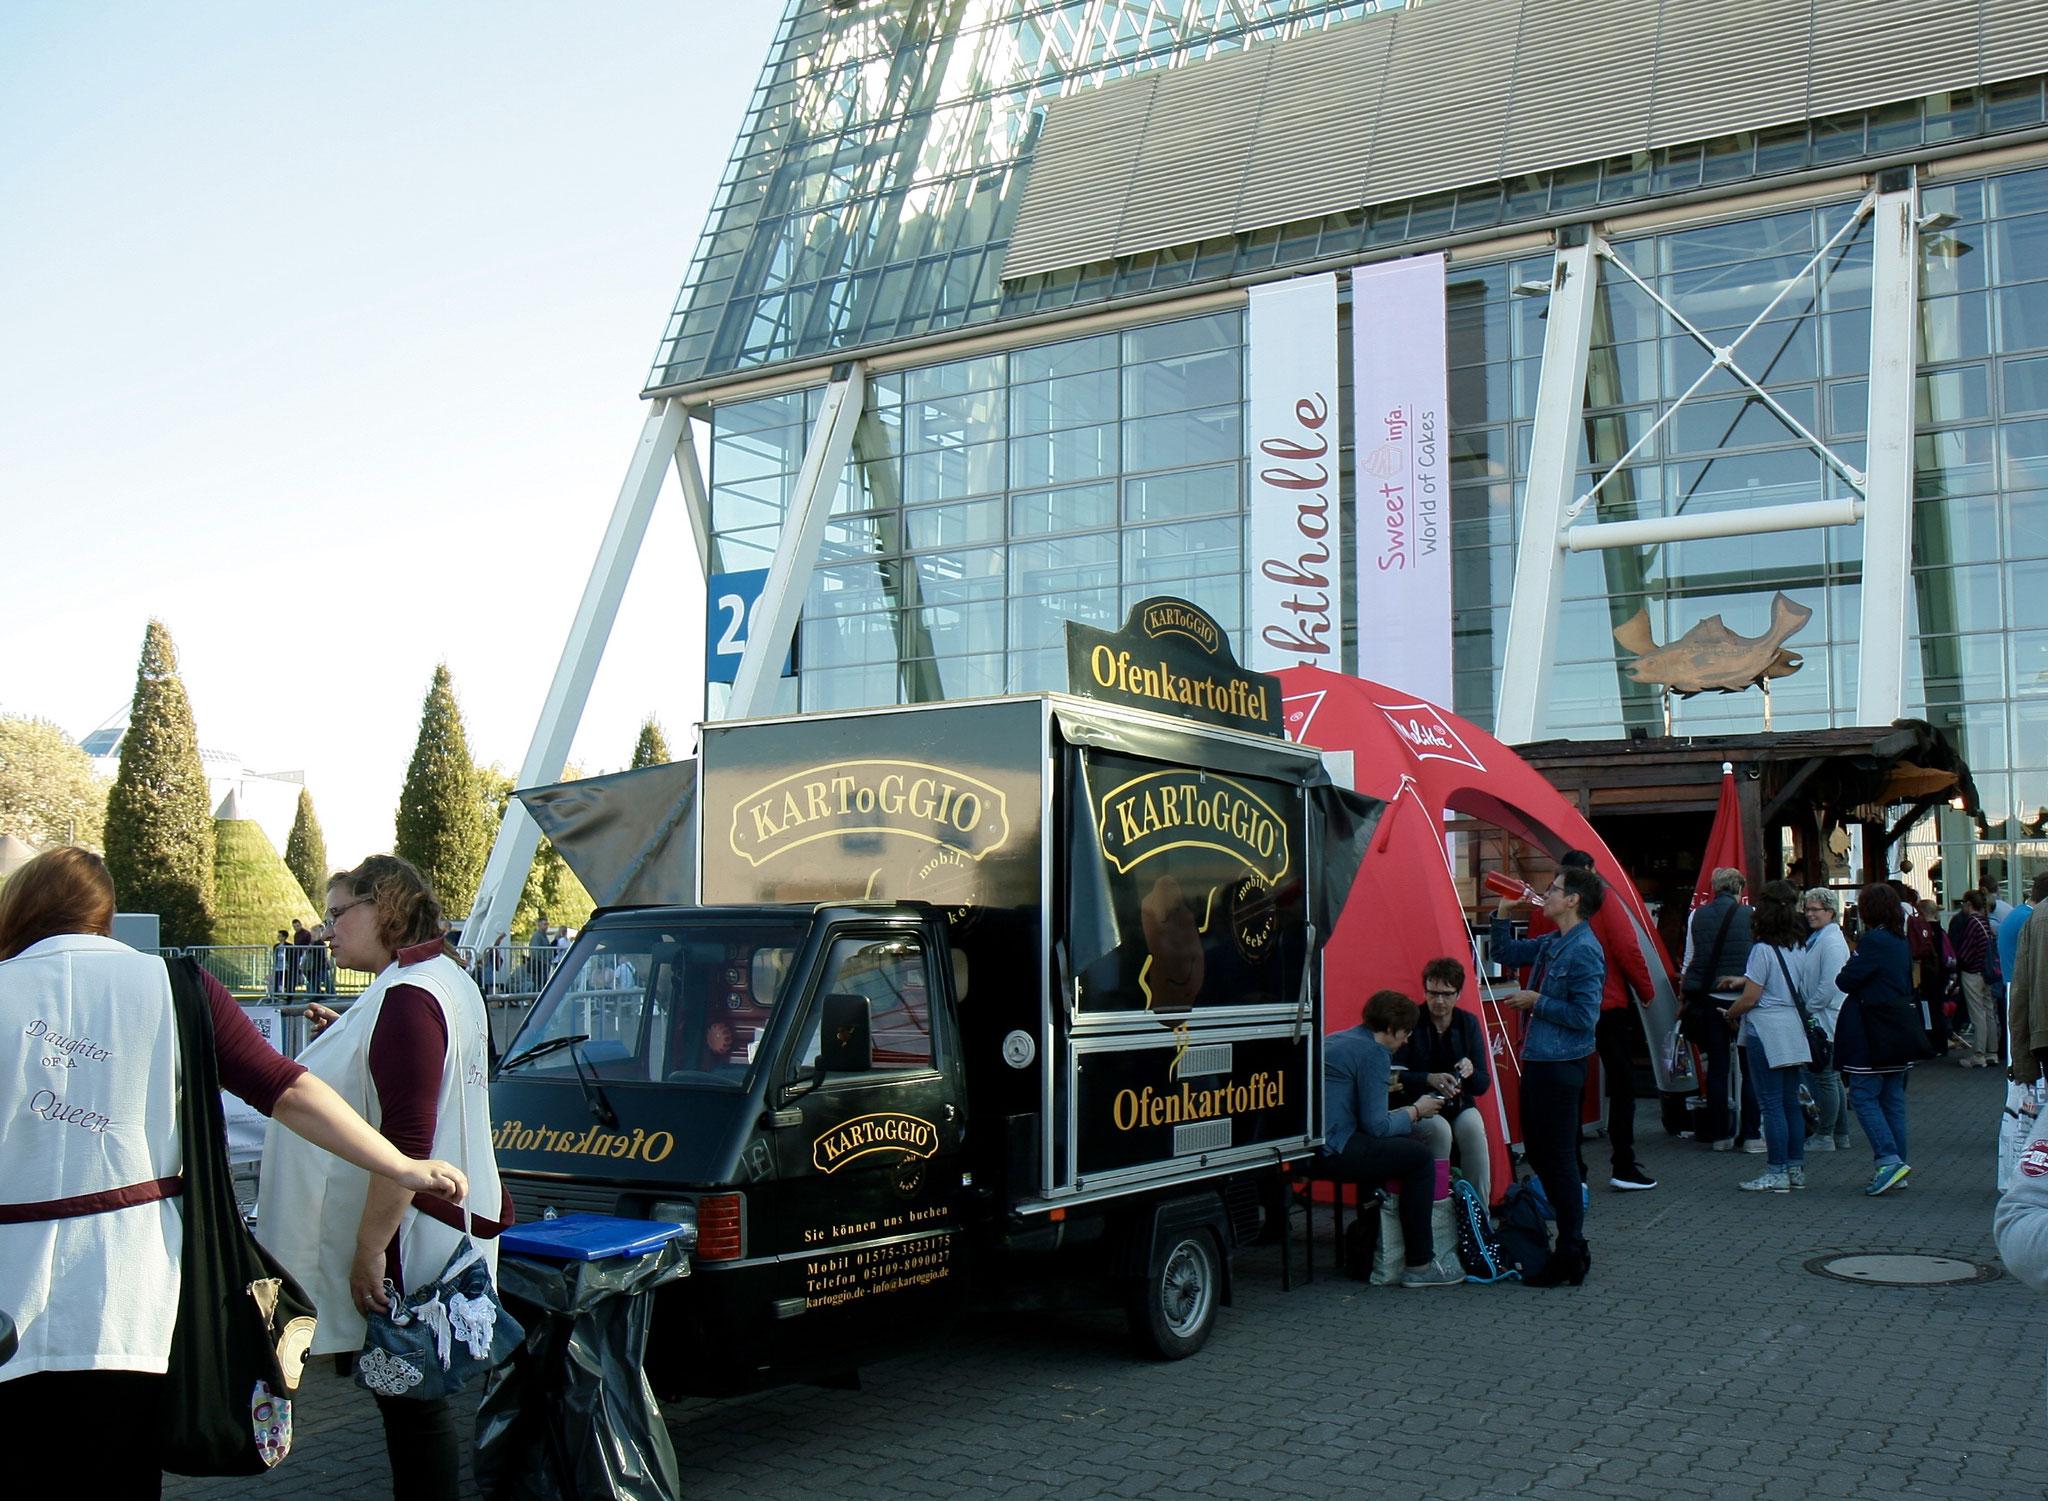 infa 2017 - Deutschlands größte Erlebnis und Einkaufsmesse mit dem Genuss vom Deister: heißen Ofenkartoffeln von KARToGGIO®